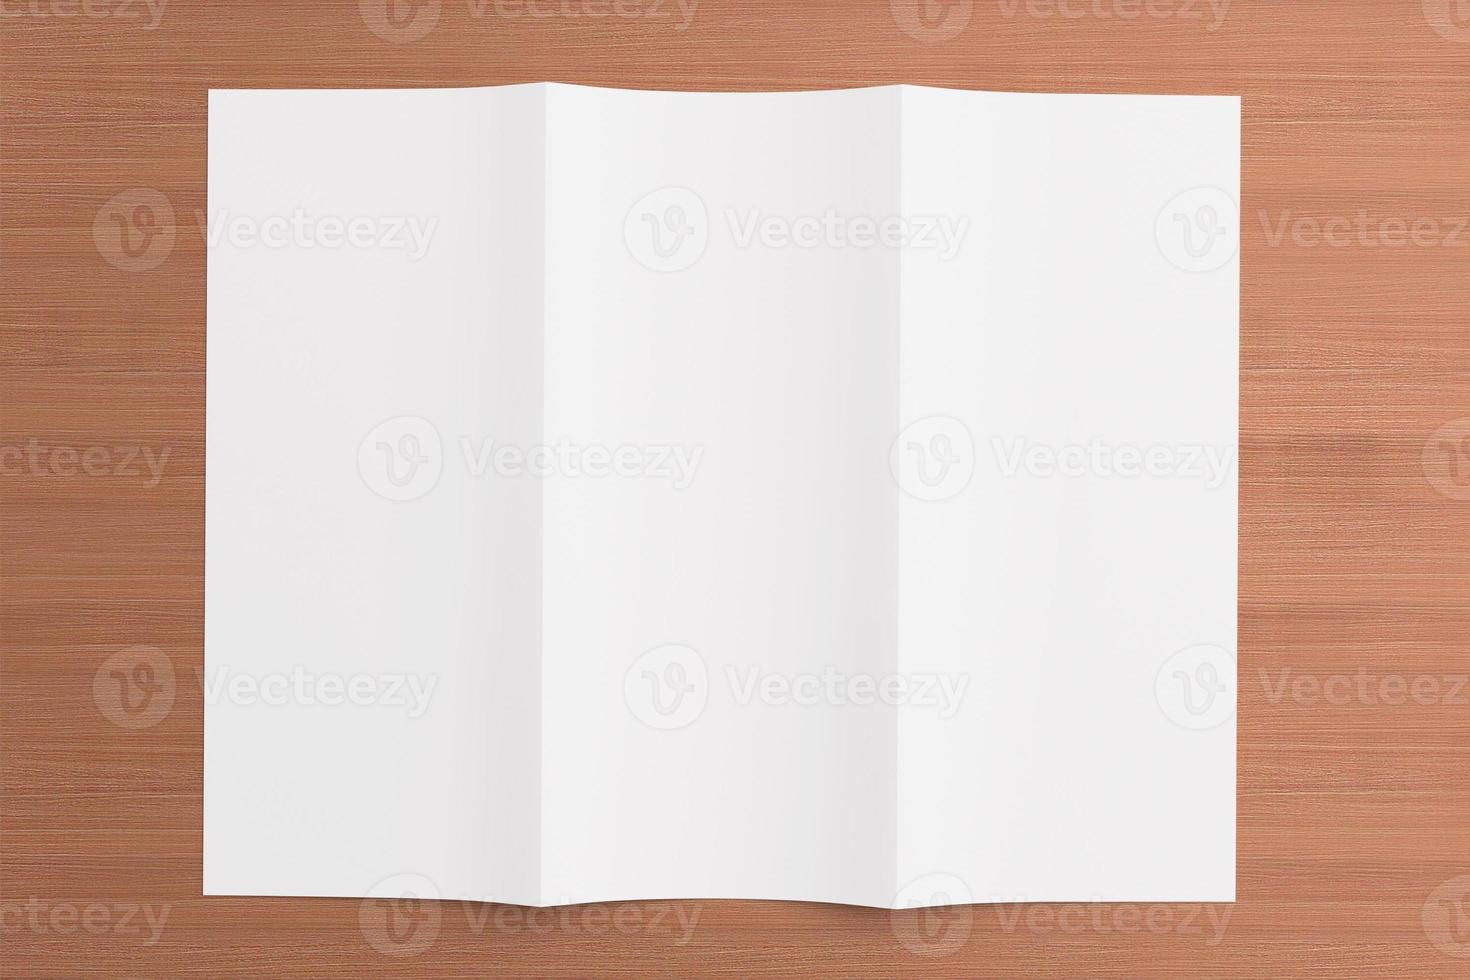 opuscolo ripiegabile in bianco su fondo di legno foto